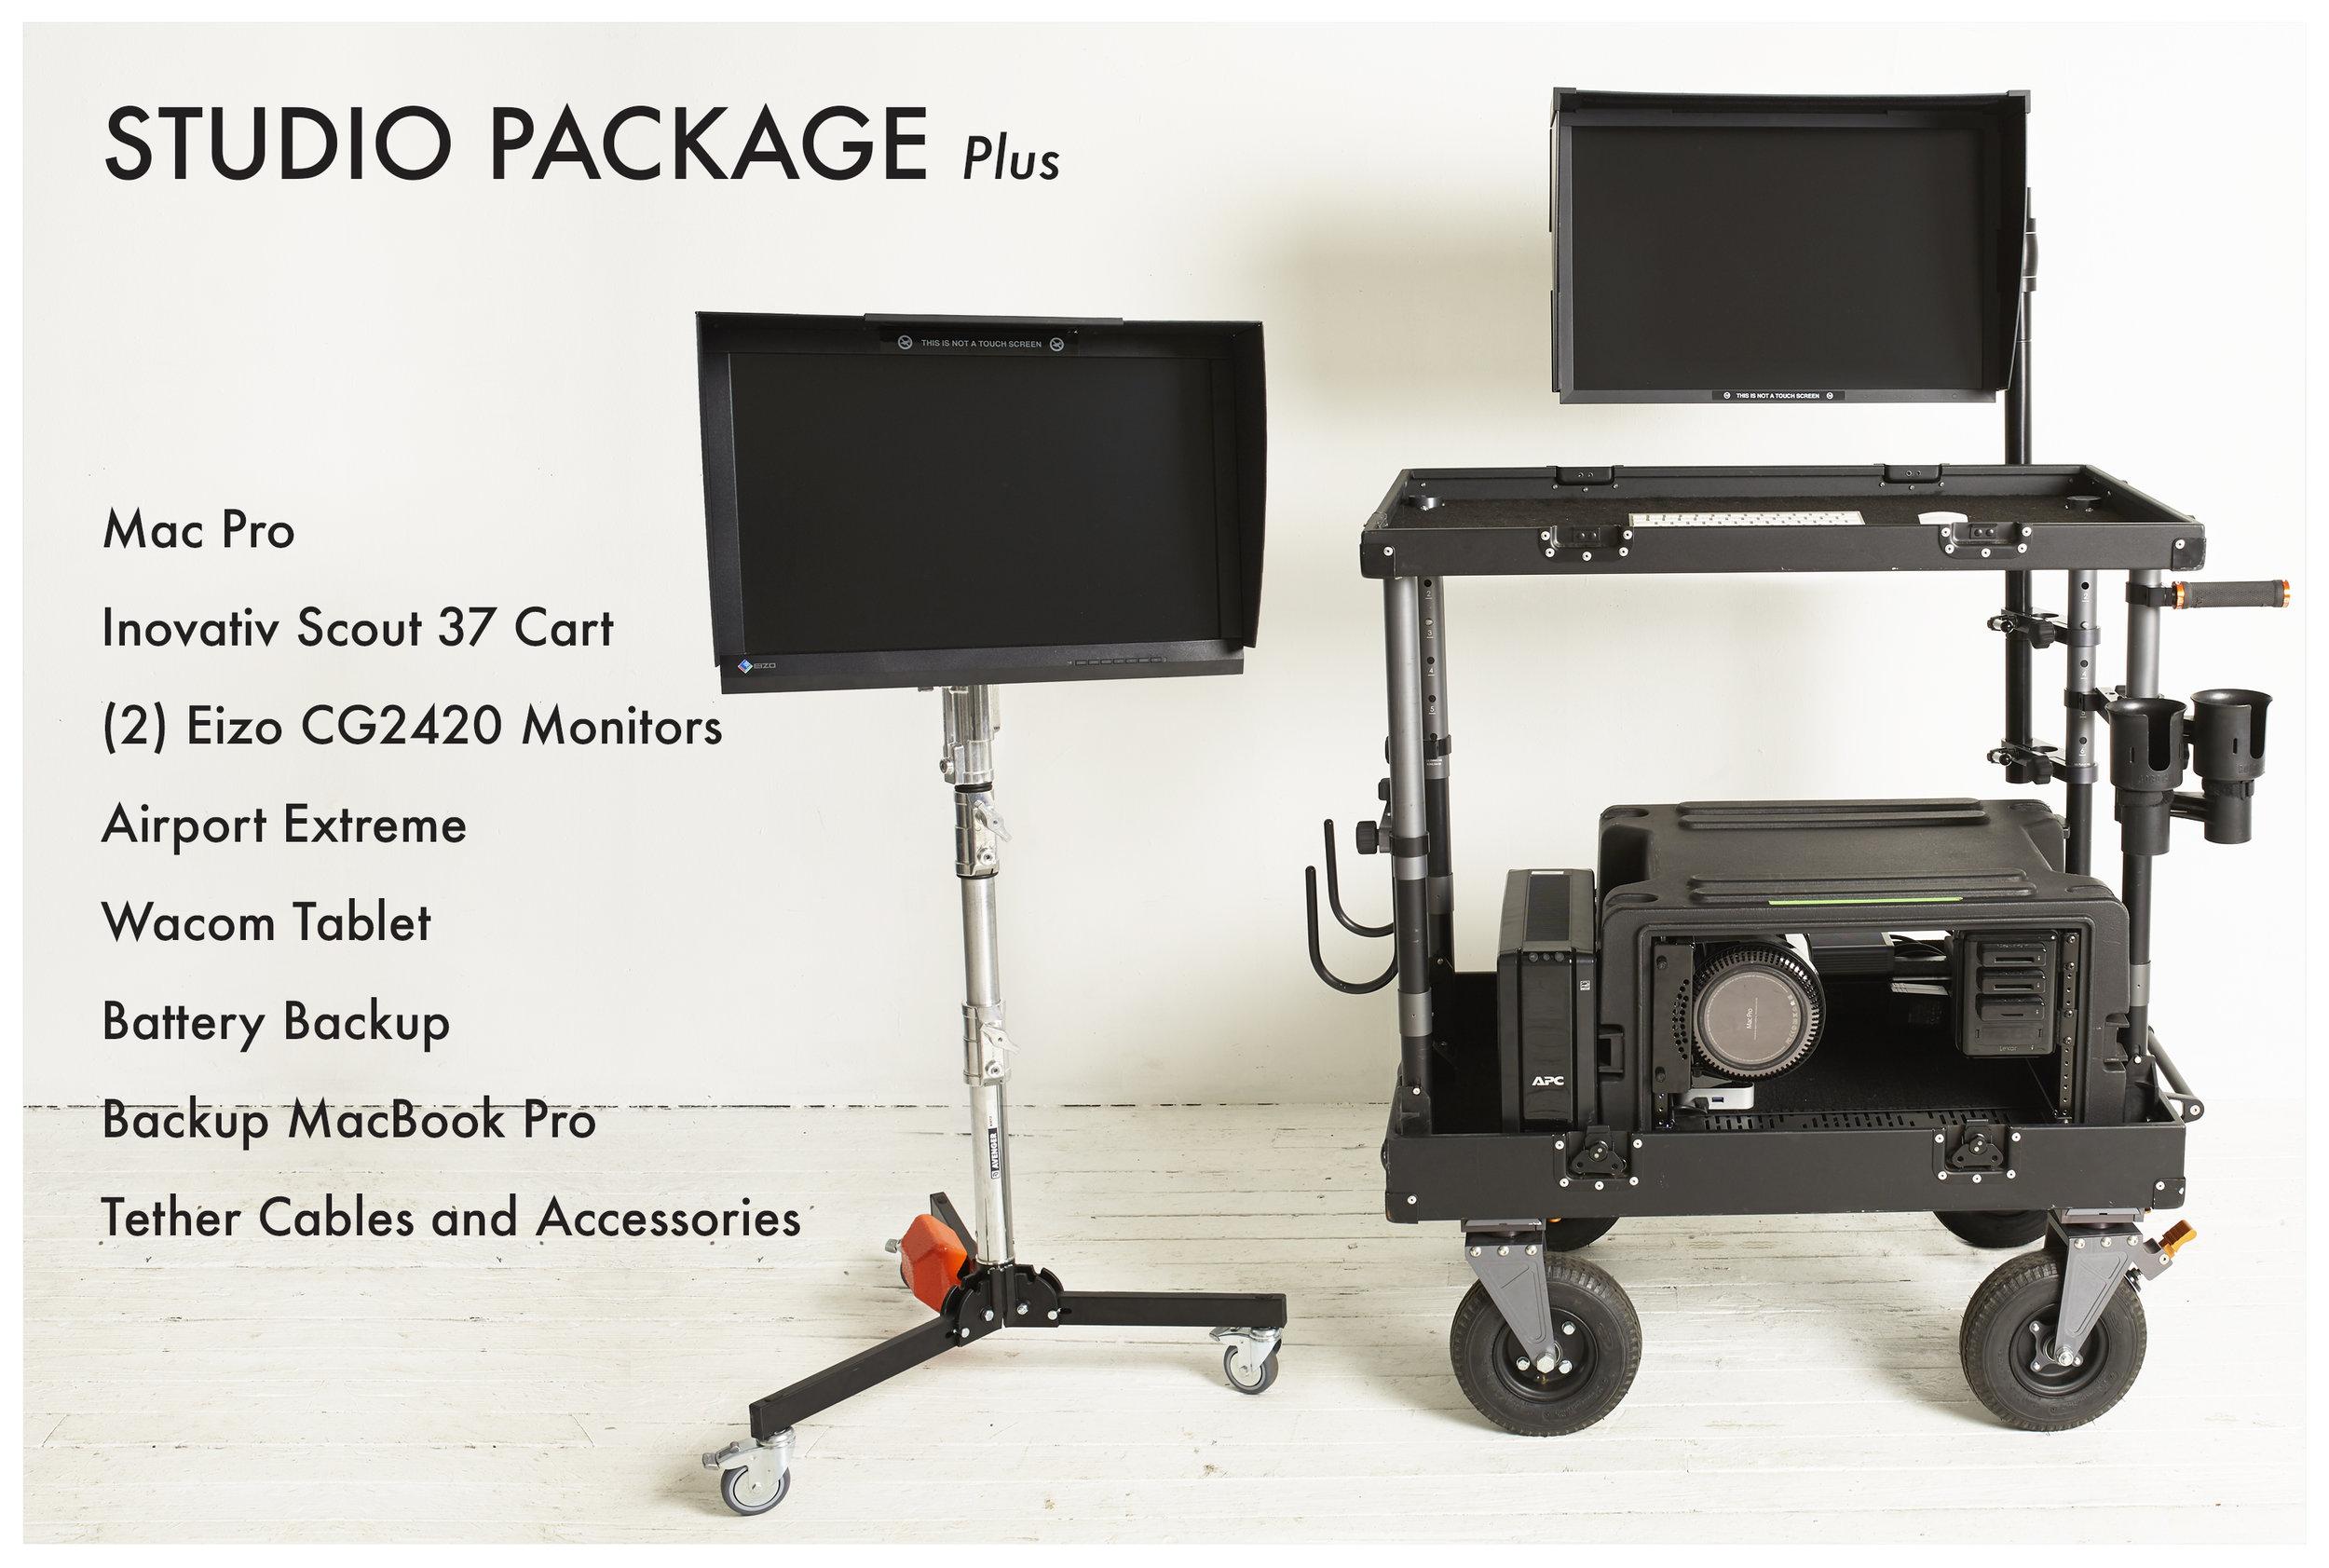 Studio Package Plus